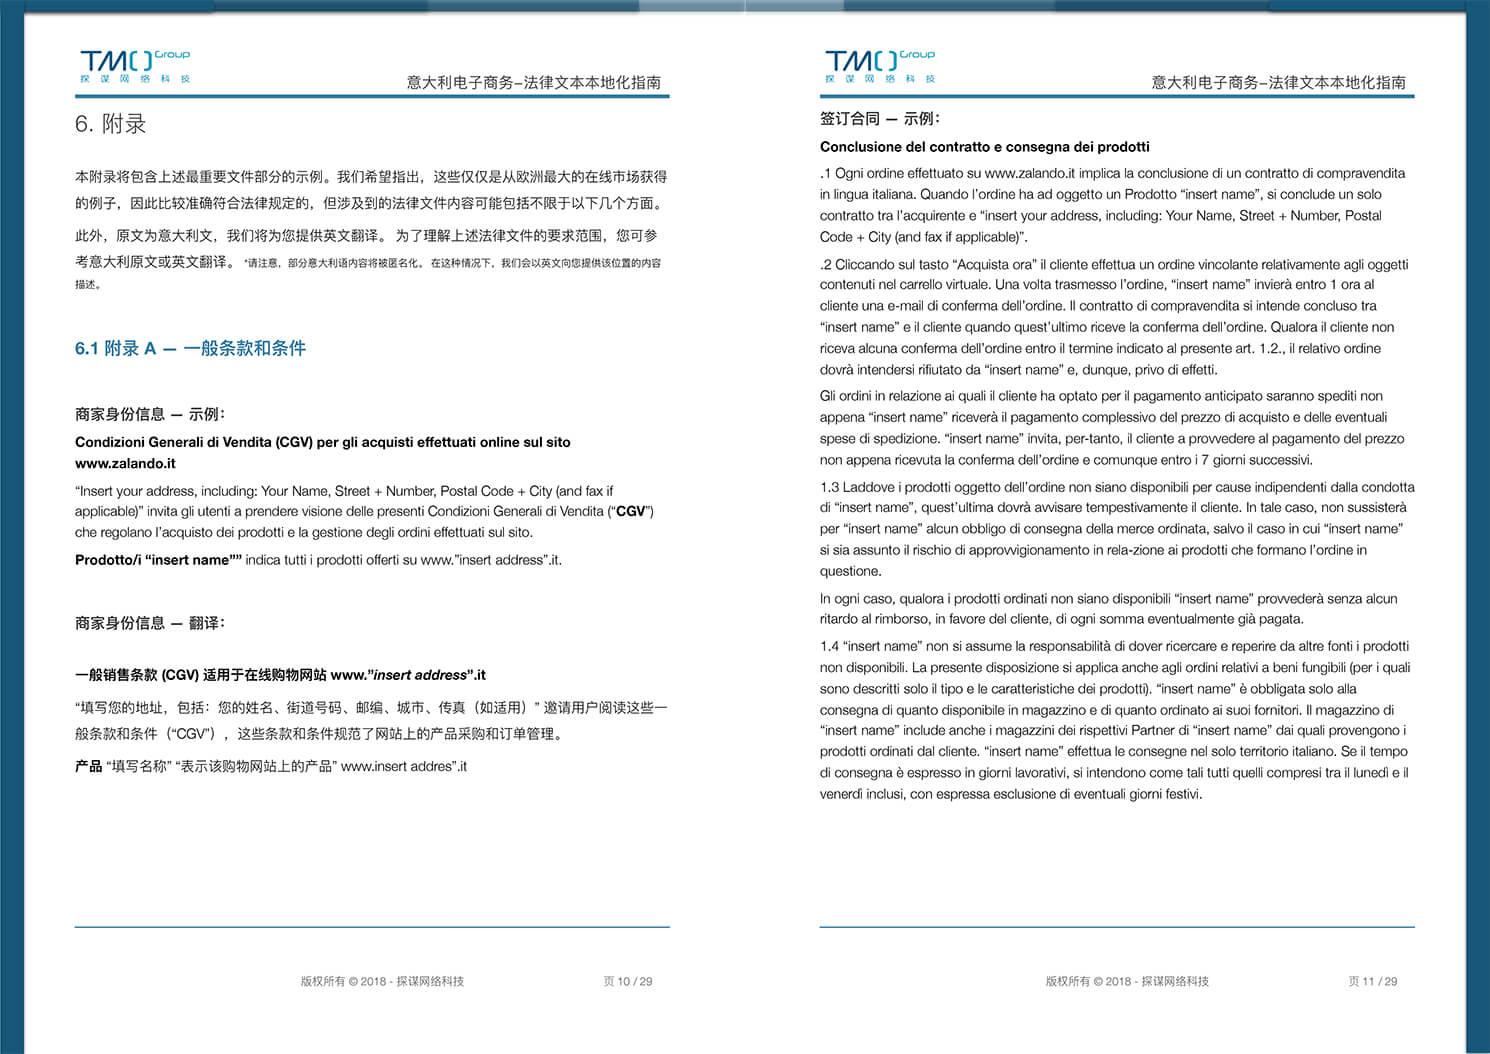 意大利法律文本本地化指南2